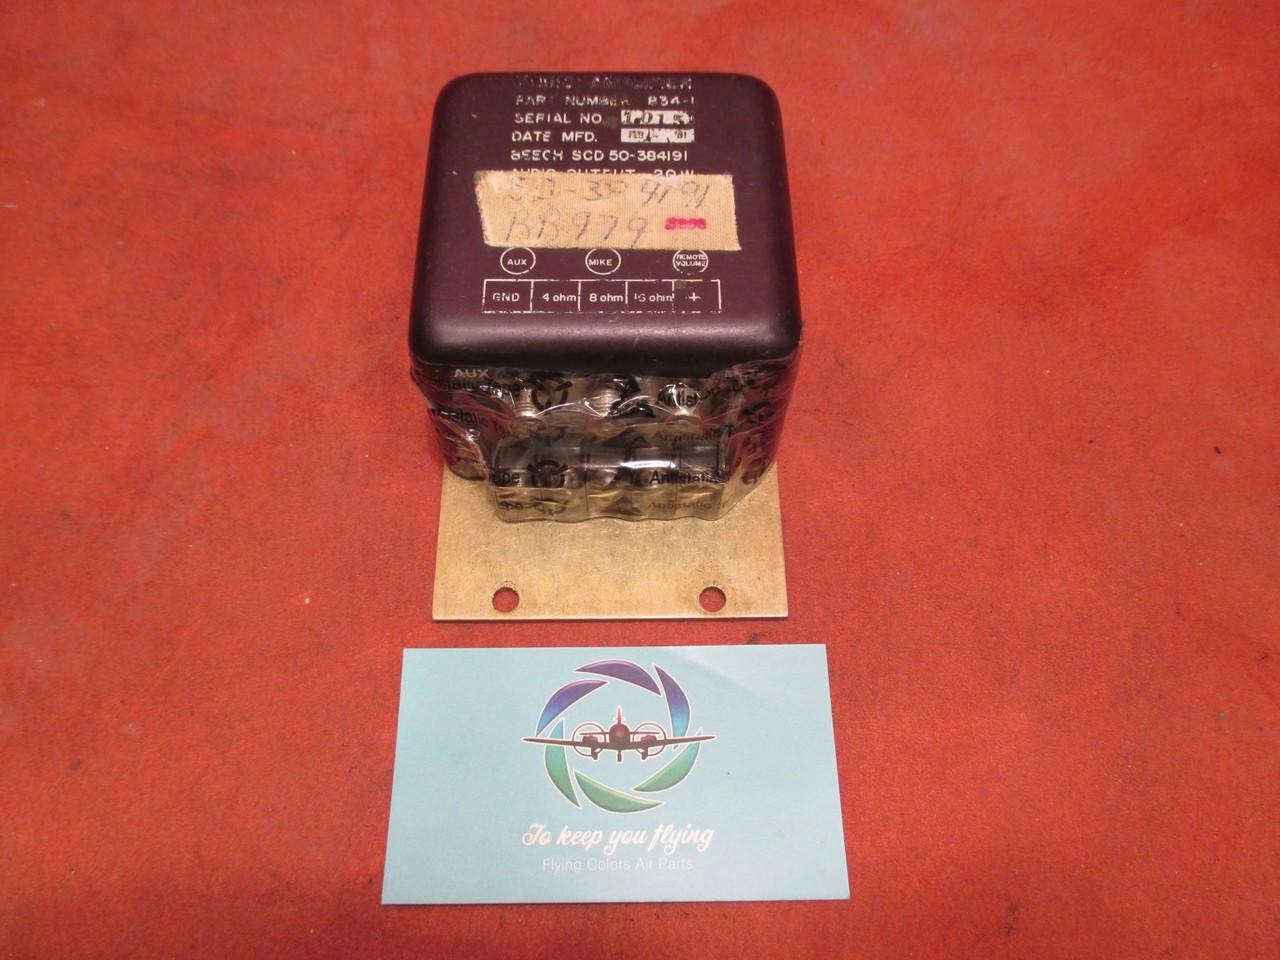 Beech Audio Amplifier 20W PN 834-1, 50-384191